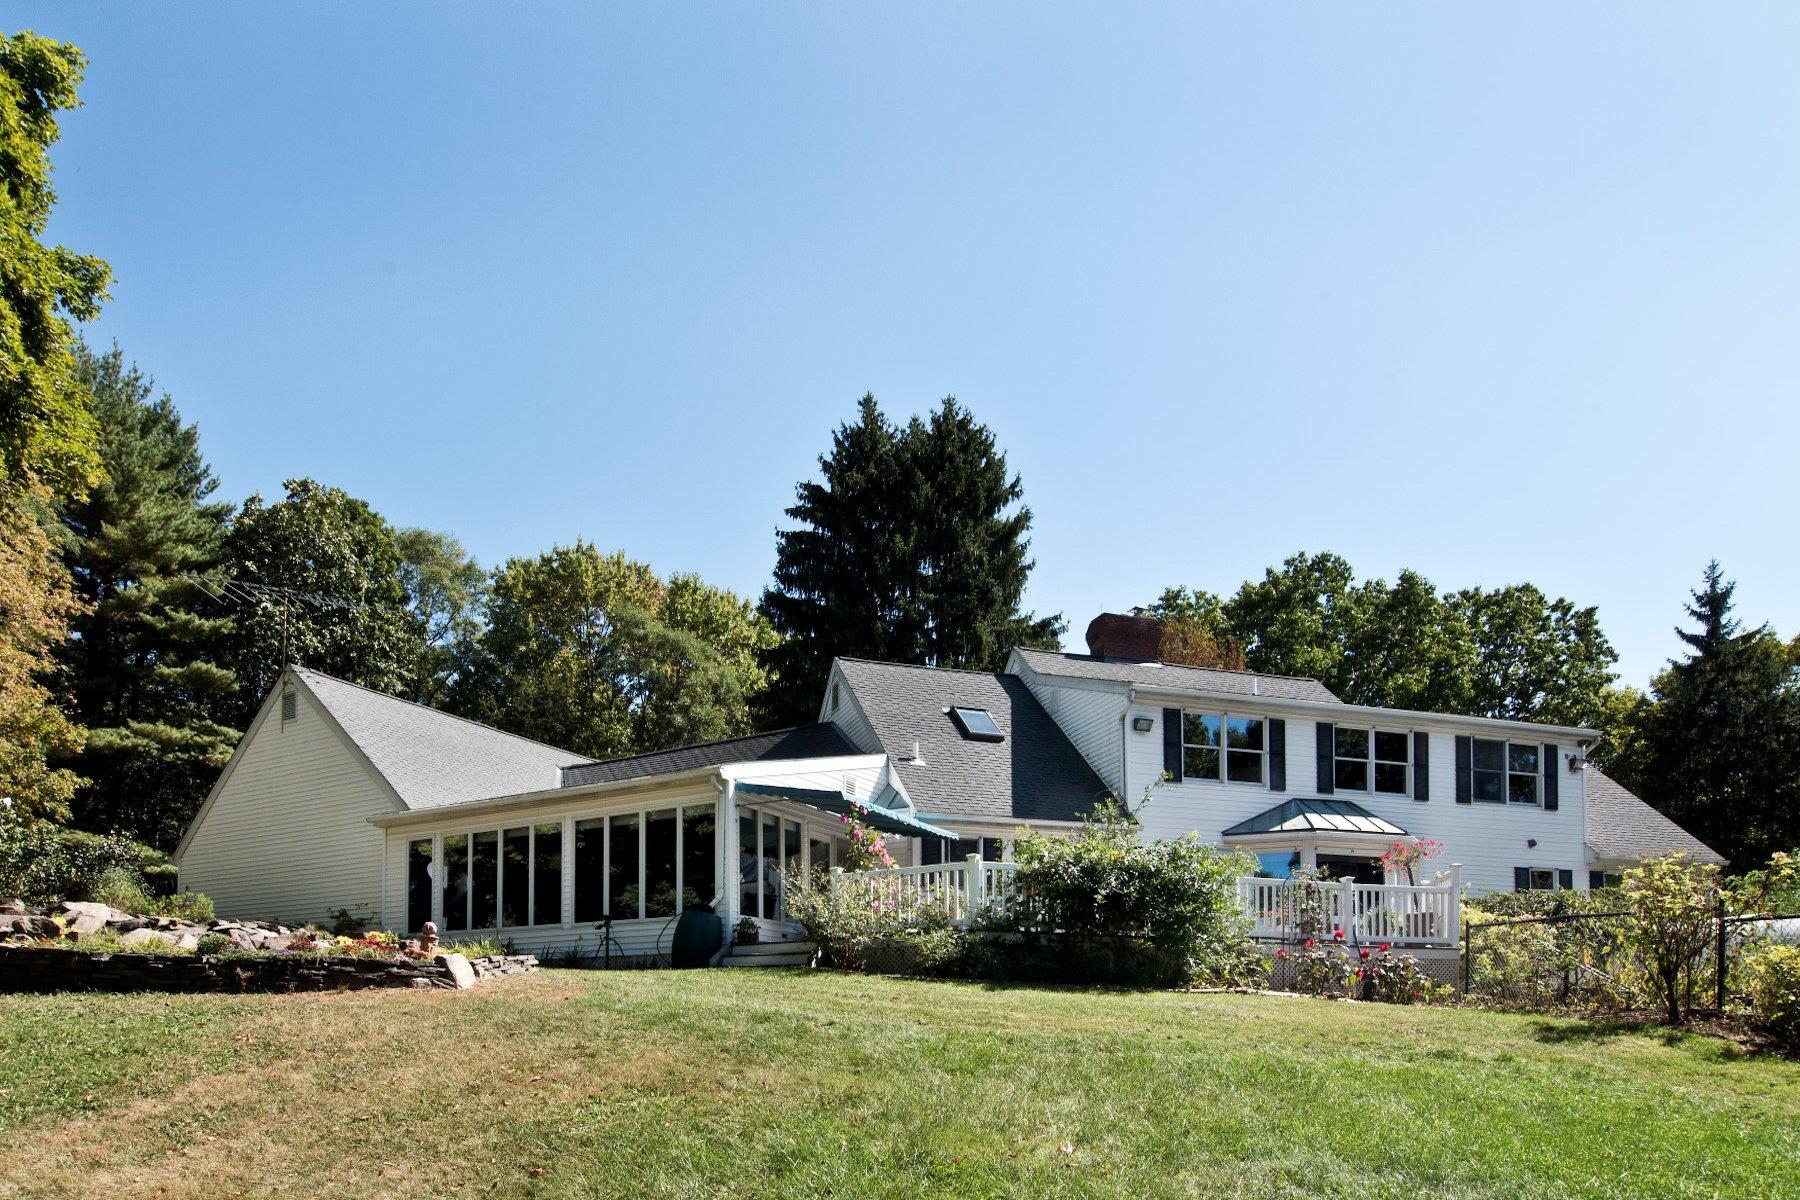 Частный односемейный дом для того Продажа на Vanderbilt Lane 24 Vanderbilt Lane Hyde Park, Нью-Йорк 12538 Соединенные Штаты